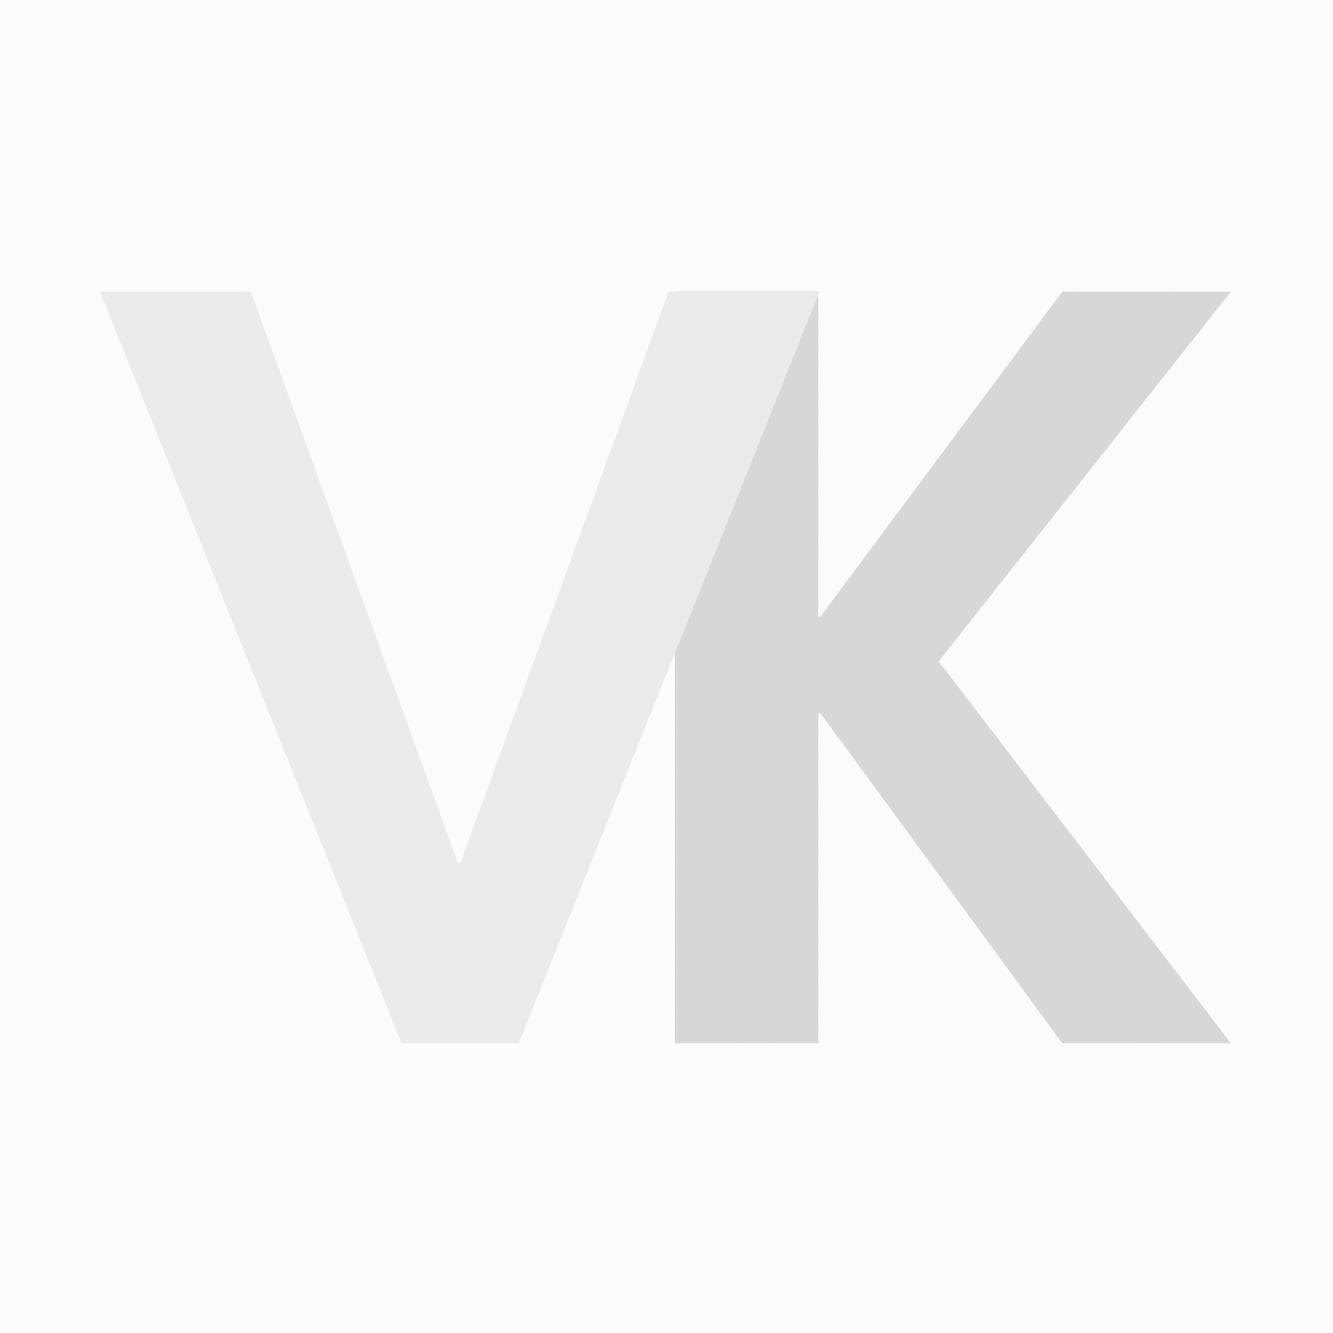 Kyone 620 Micro S Kappersschaar 6.0